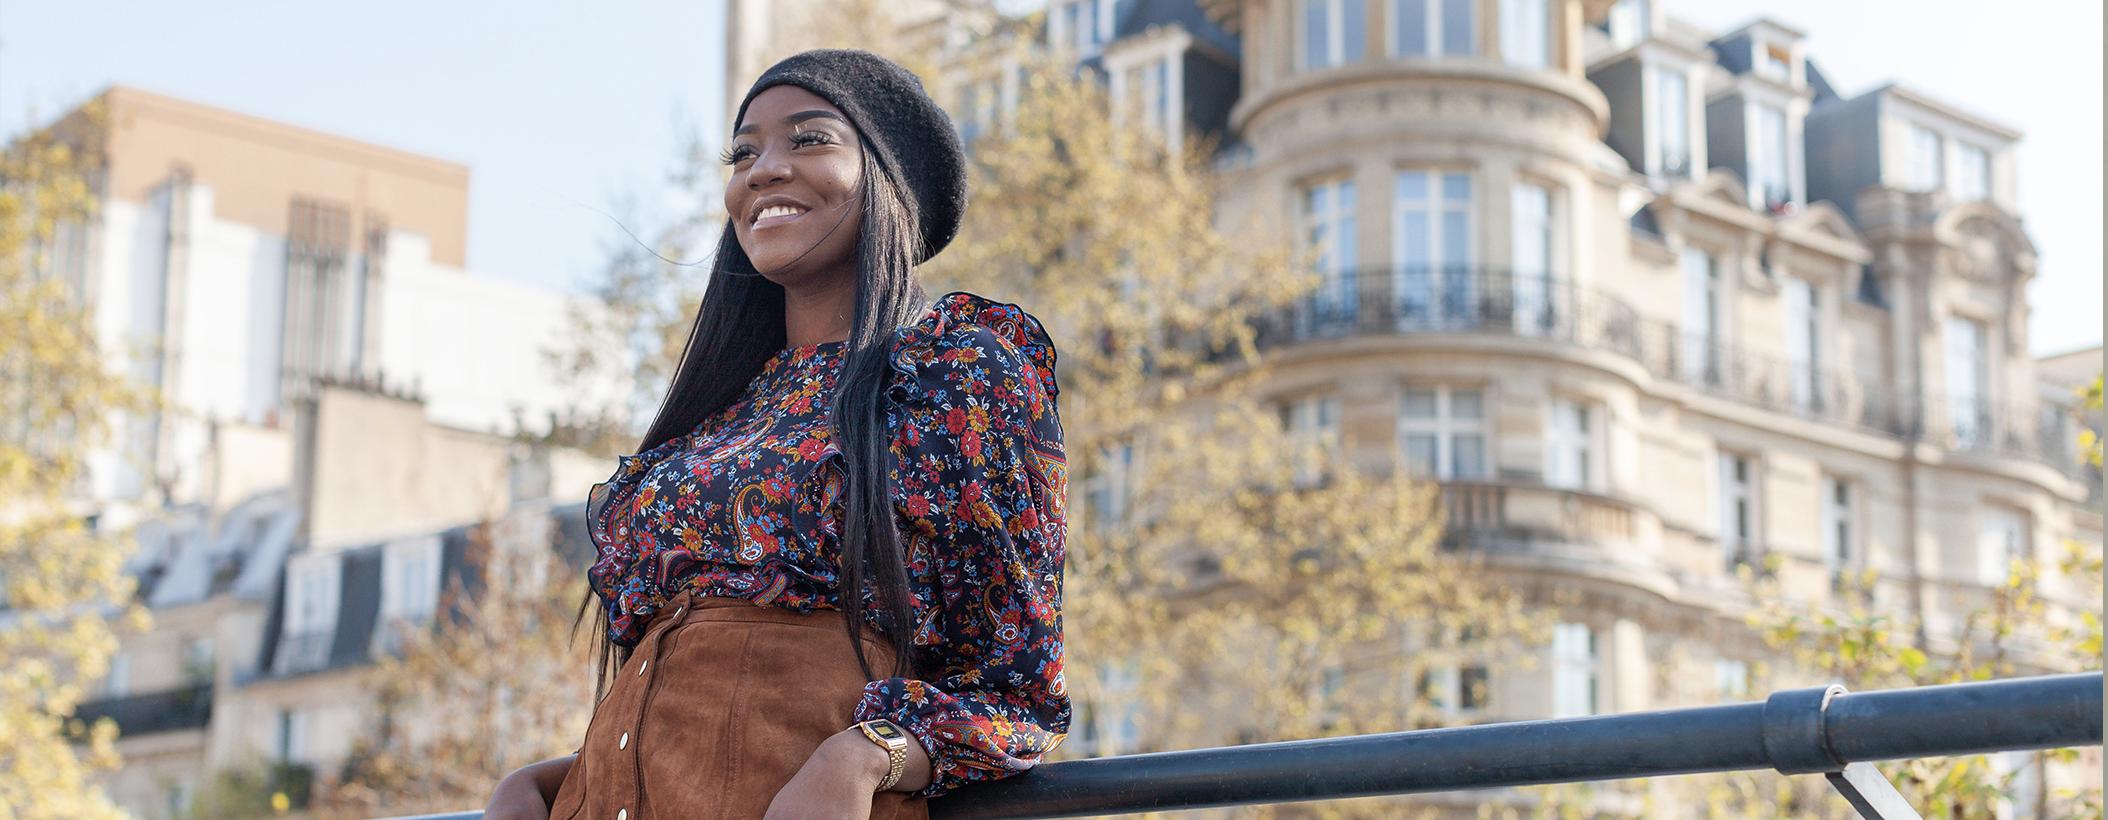 Rencontre Sider : Morgane gagne de l'argent et acquiert de l'expérience pour son futur métier